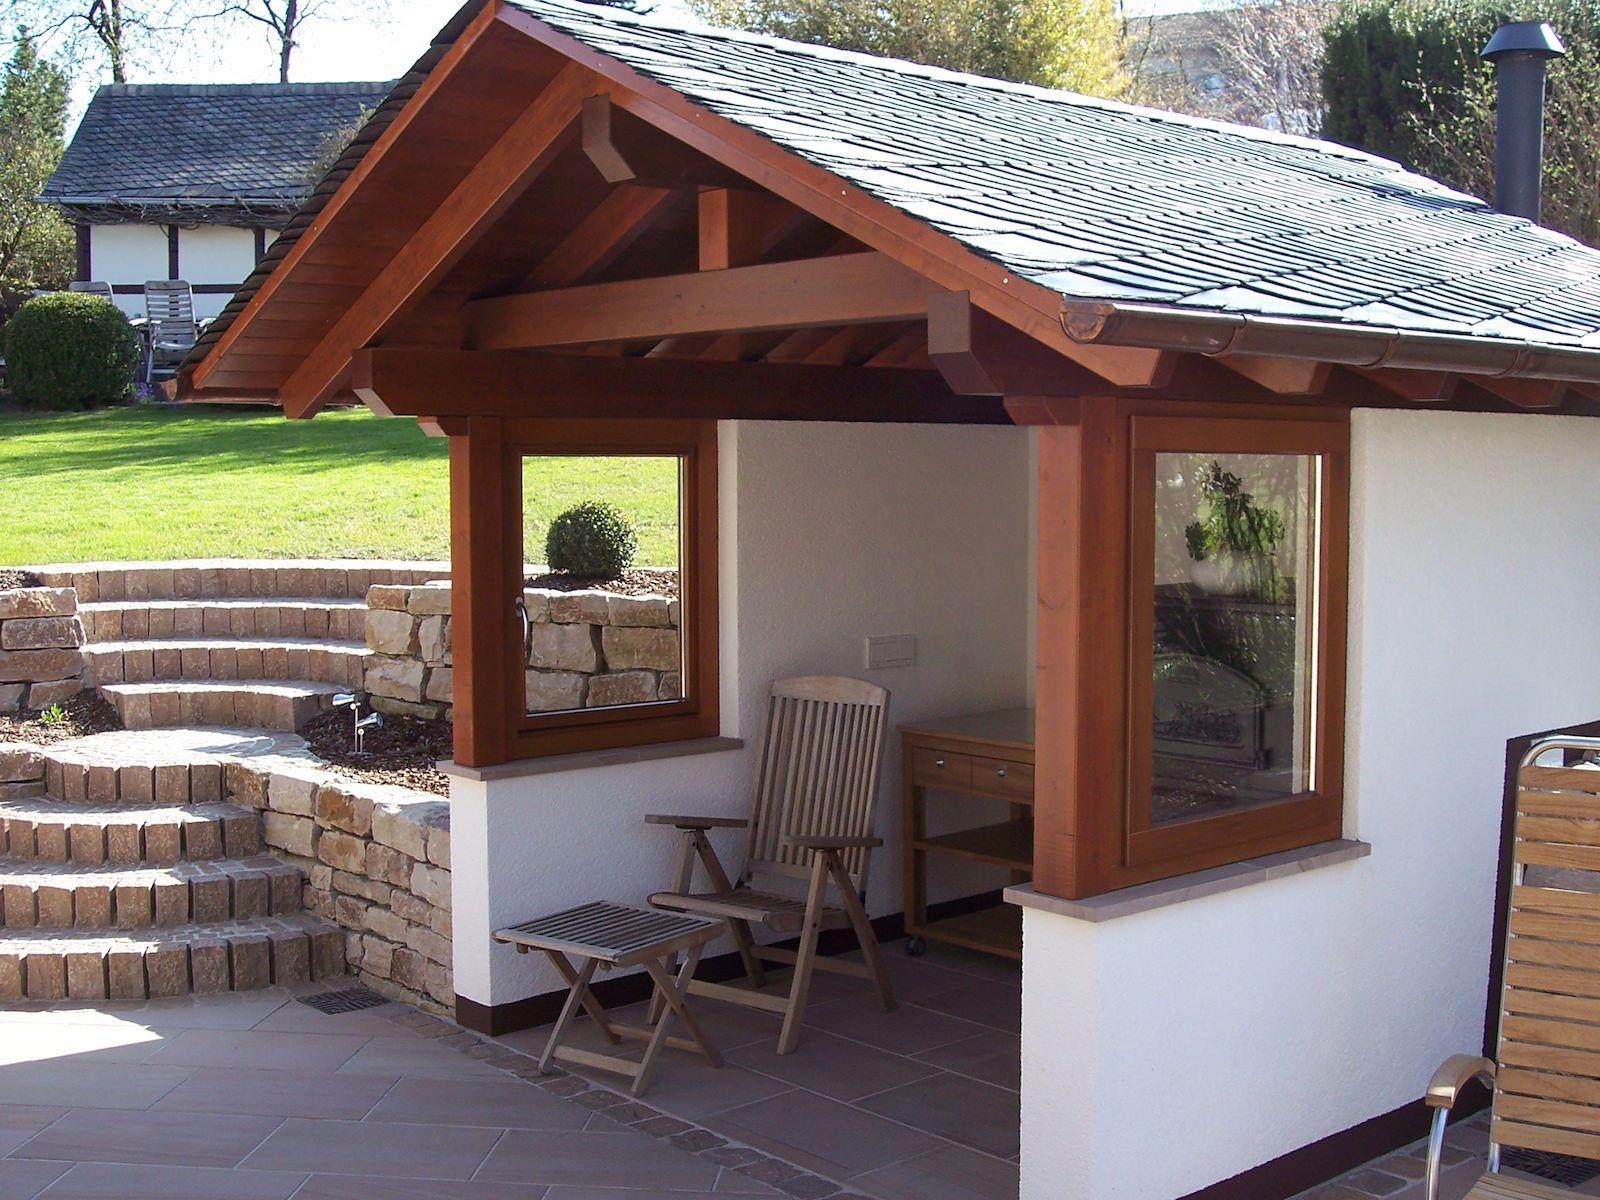 Gartenhaus mit HolzfensterTischlerei Neumann Fenster